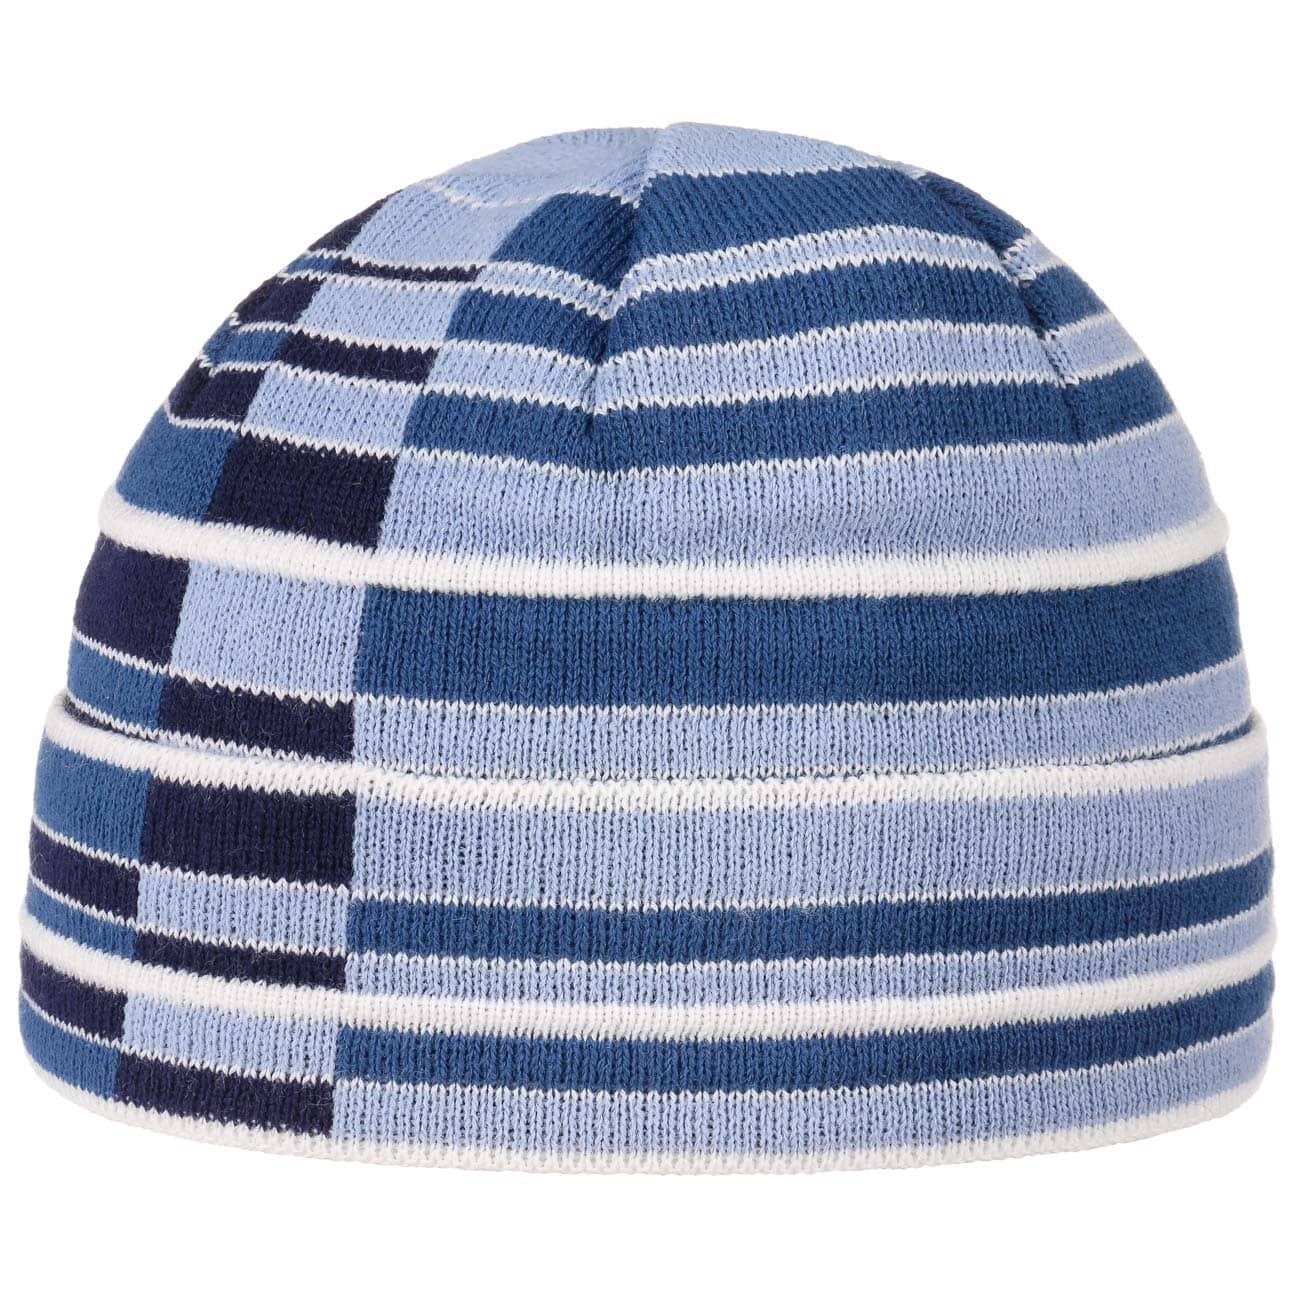 Bonnet à Revers pour Enfant Rigato  bonnet en tricot